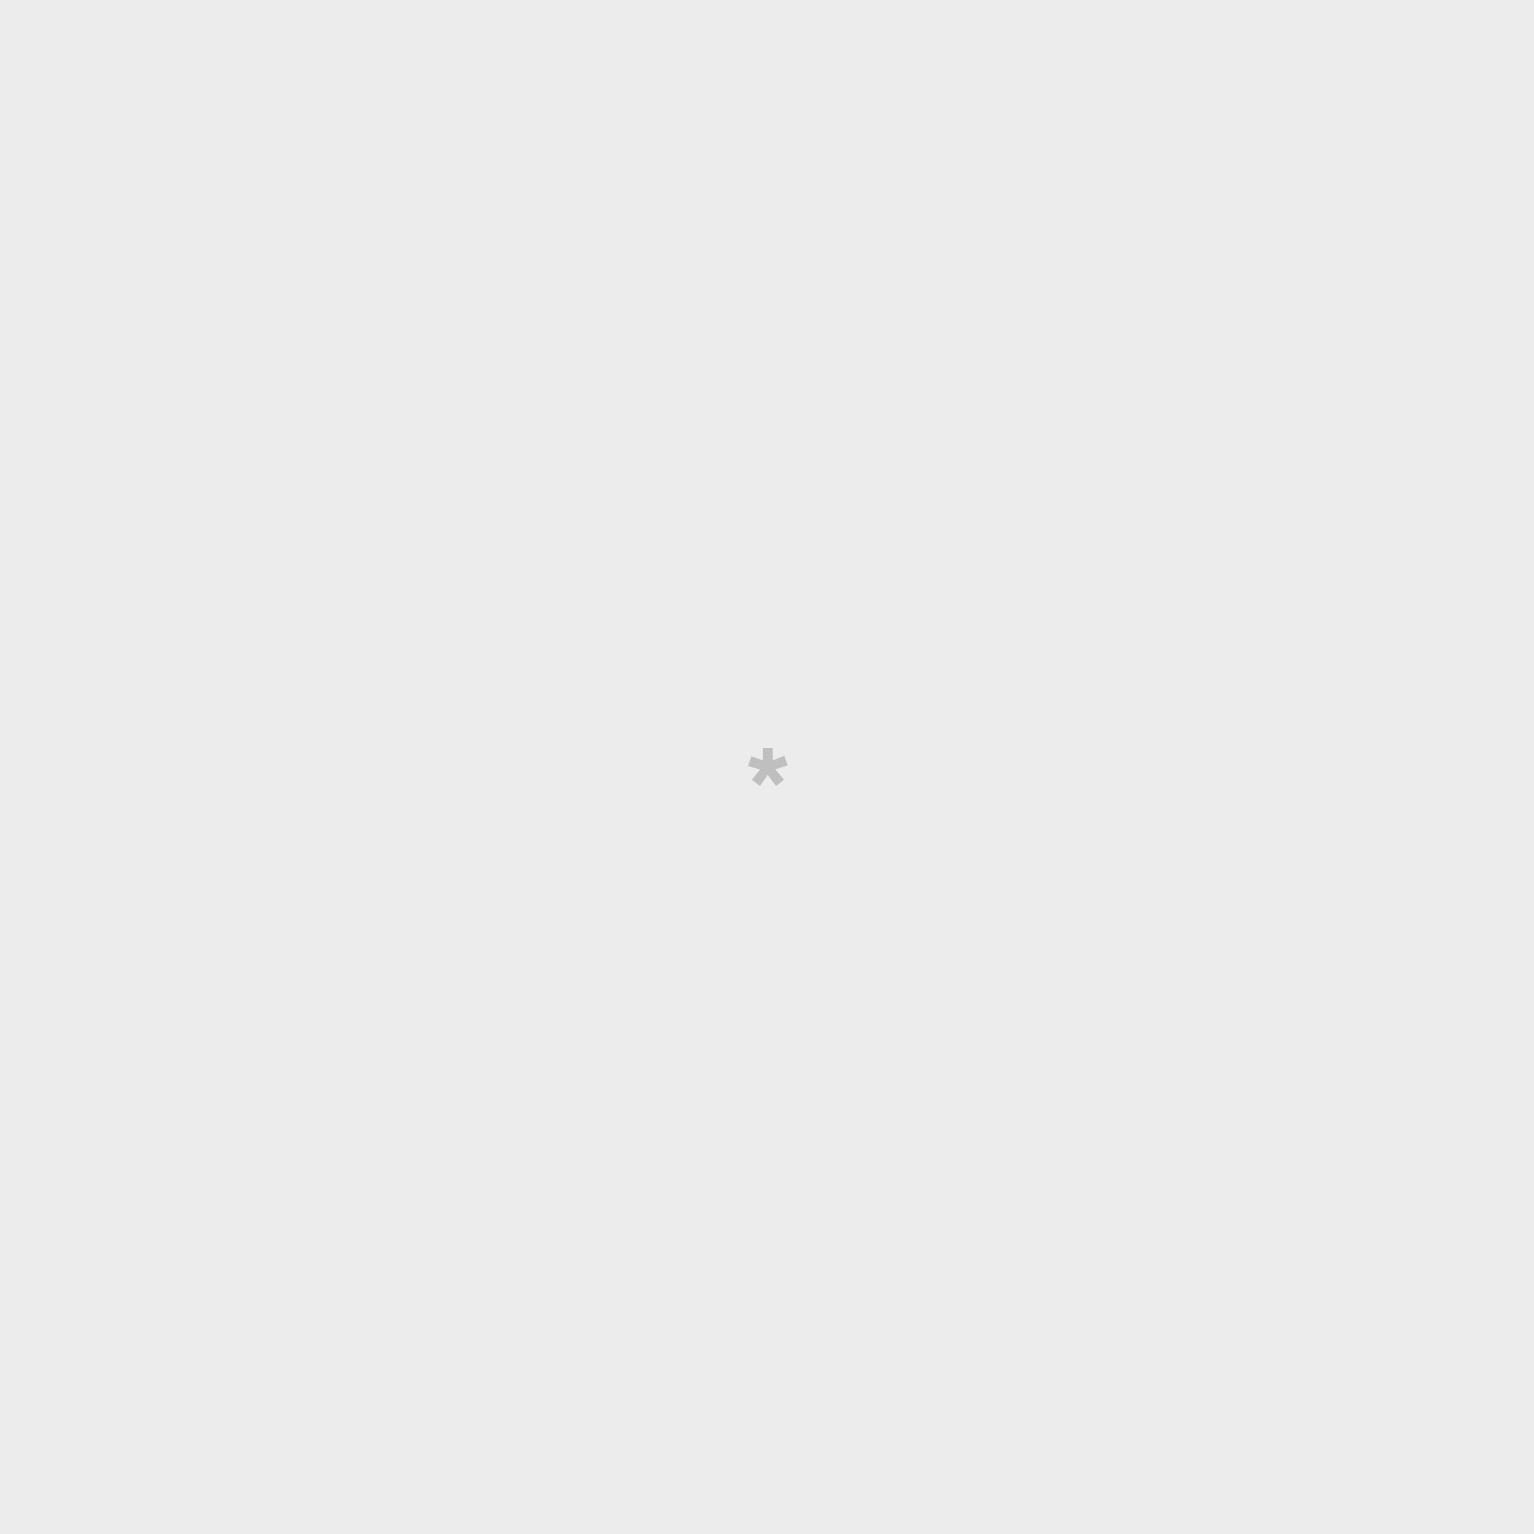 Planning hebdomadaire au format cahier - Ce que j'ai dit que j'allais faire